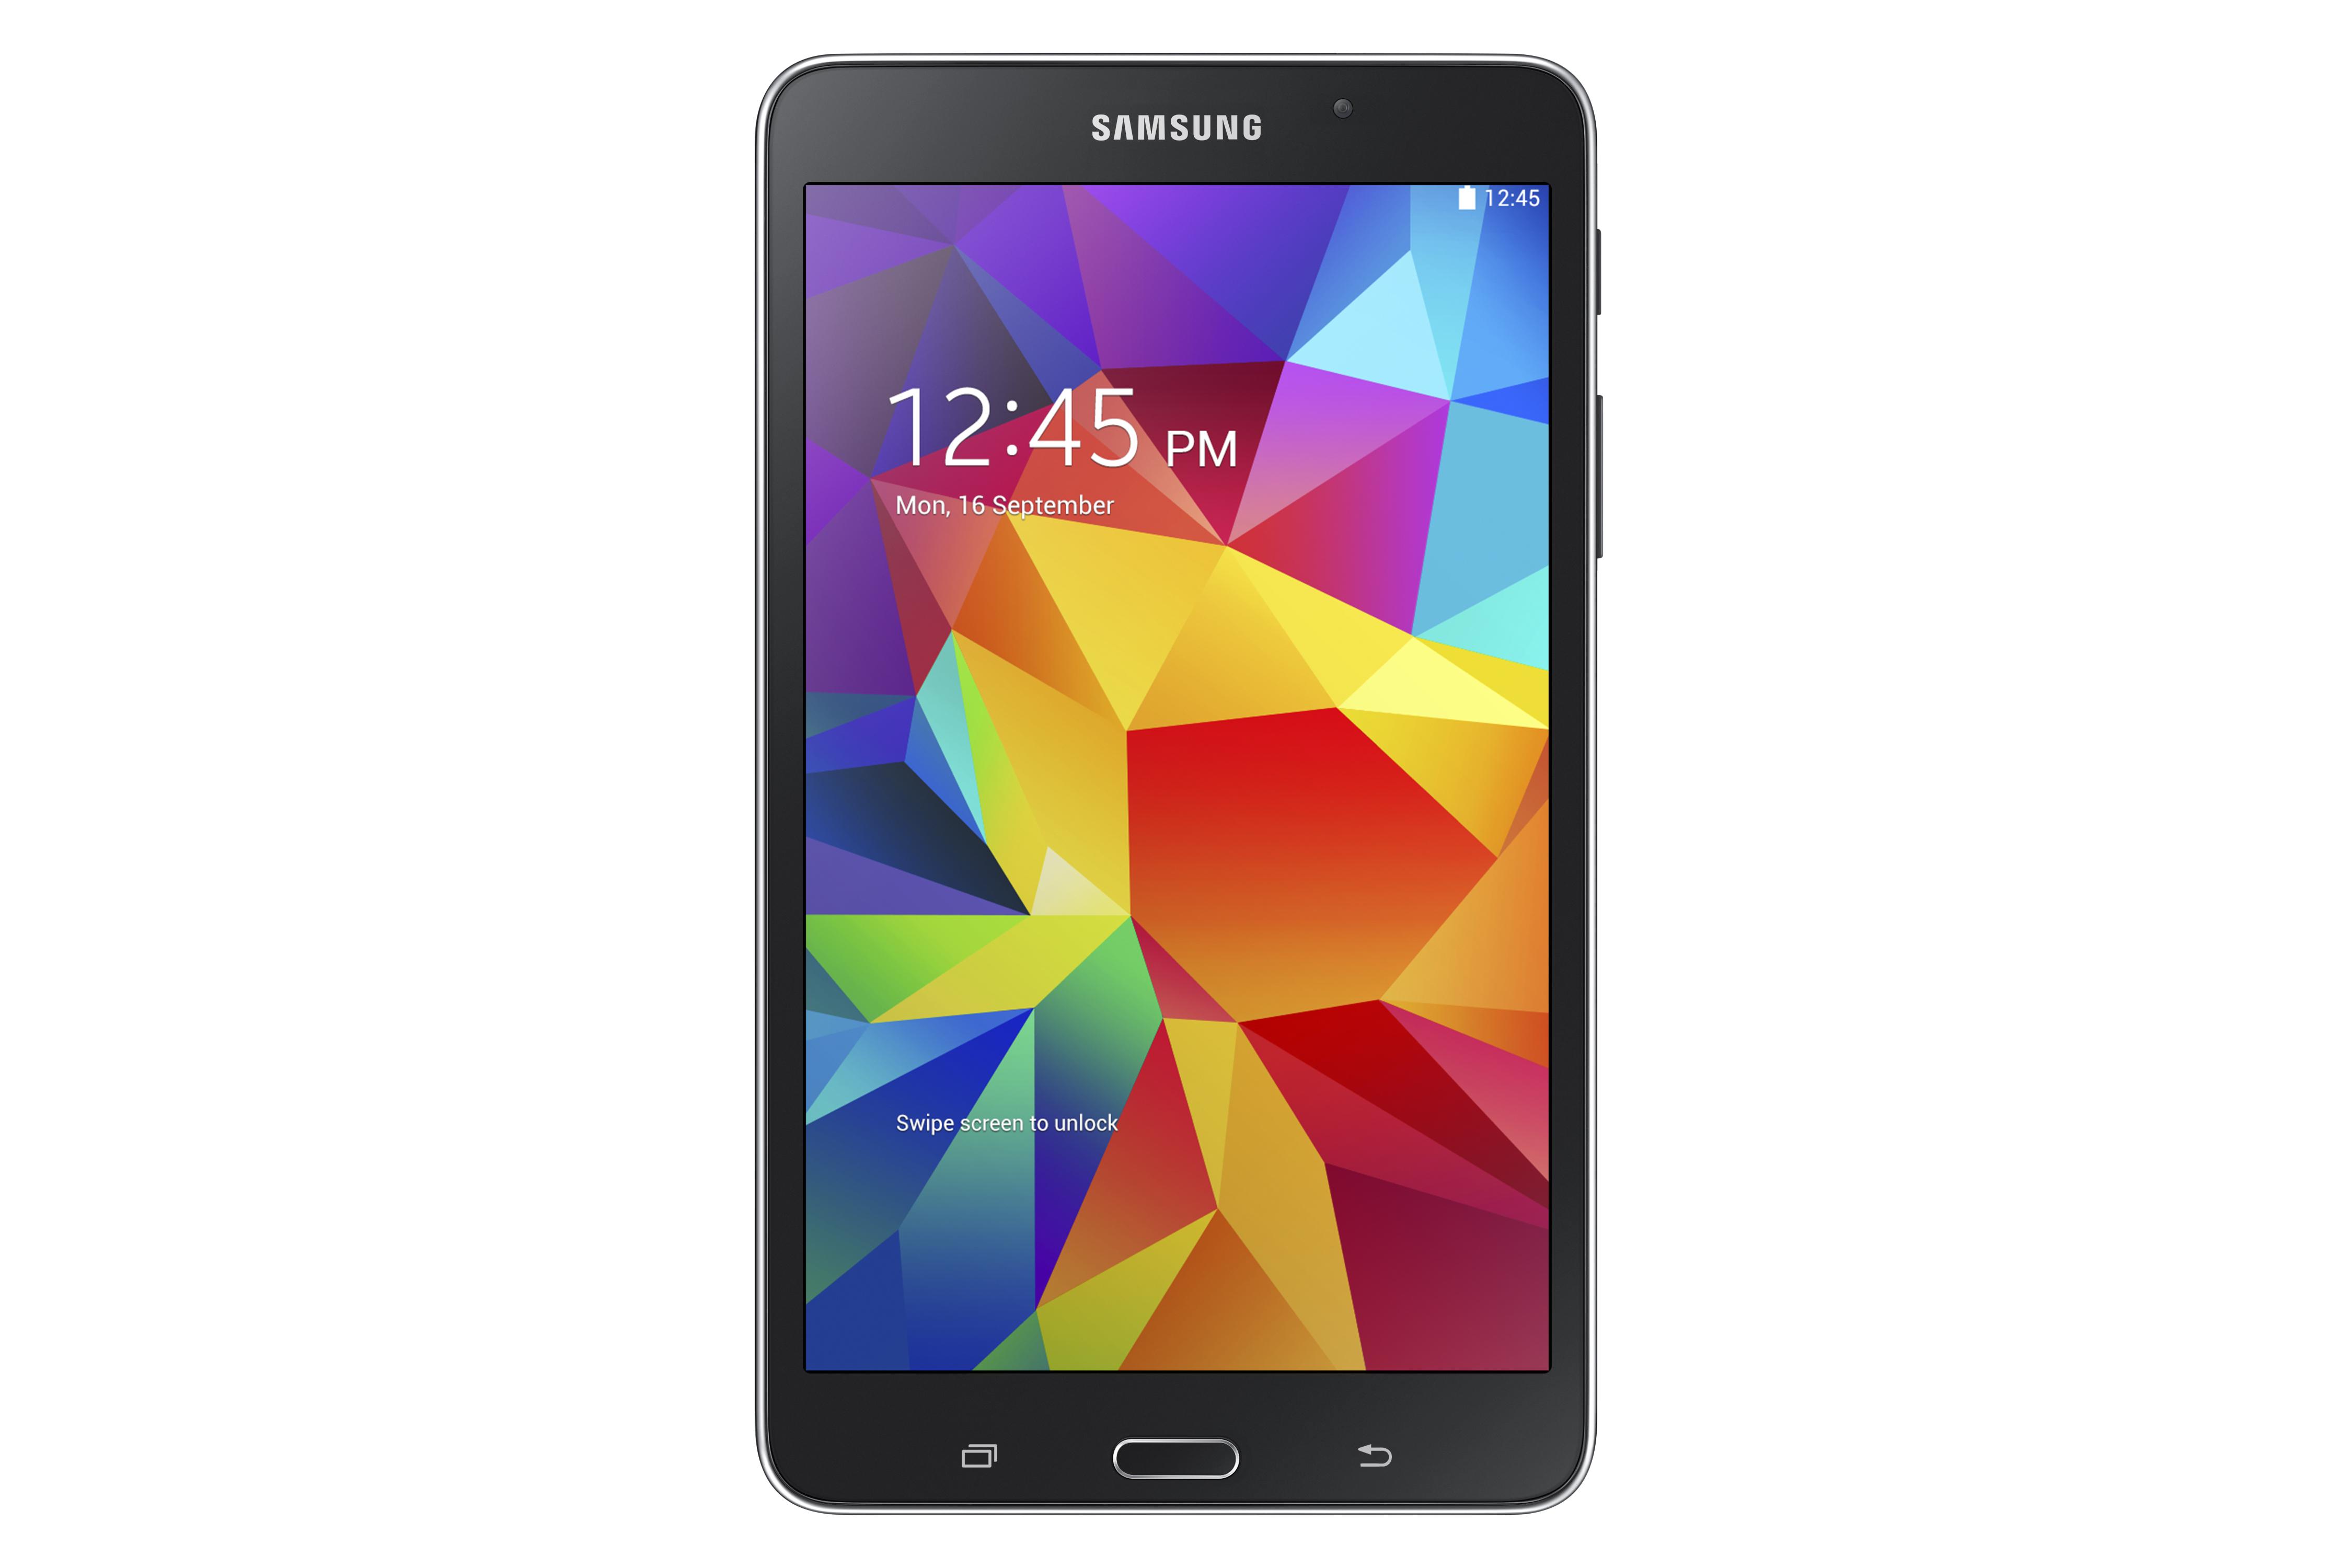 Samsung Galaxy Tab4 7.0 - Vergelijk uitvoeringen - Tweakers